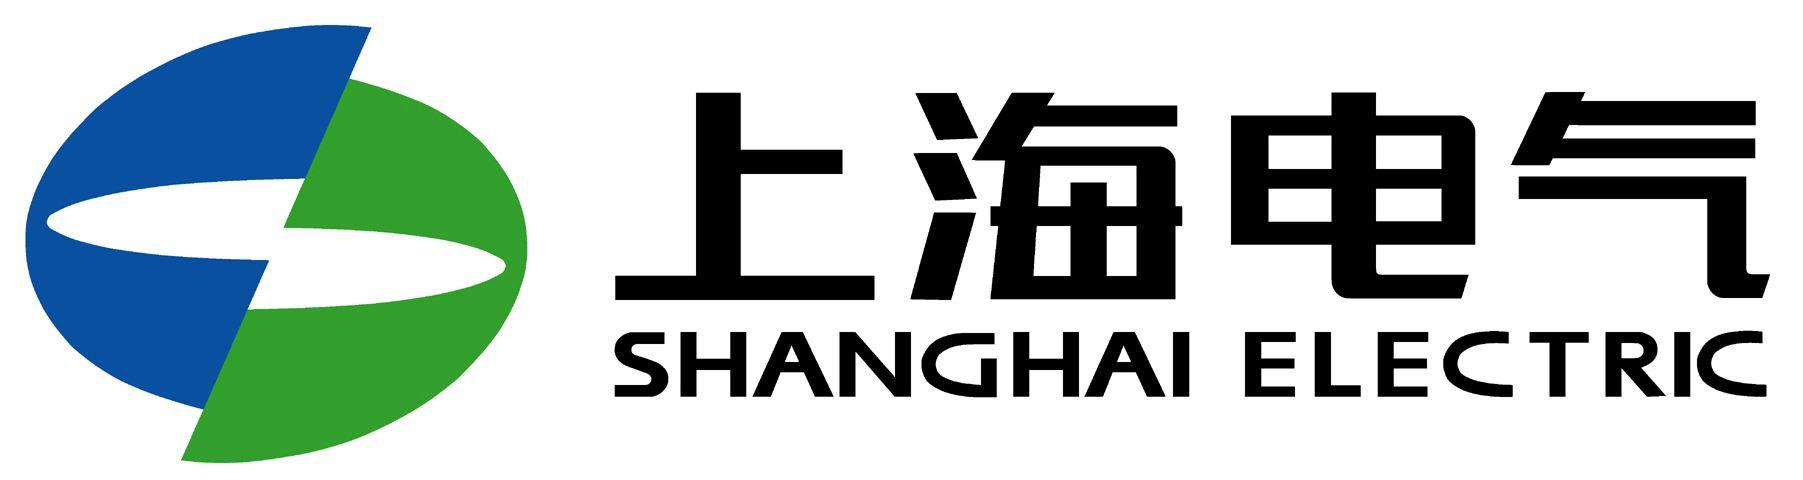 上海电气:发布澄清公告 与特斯拉签署合作协议纯属谣言